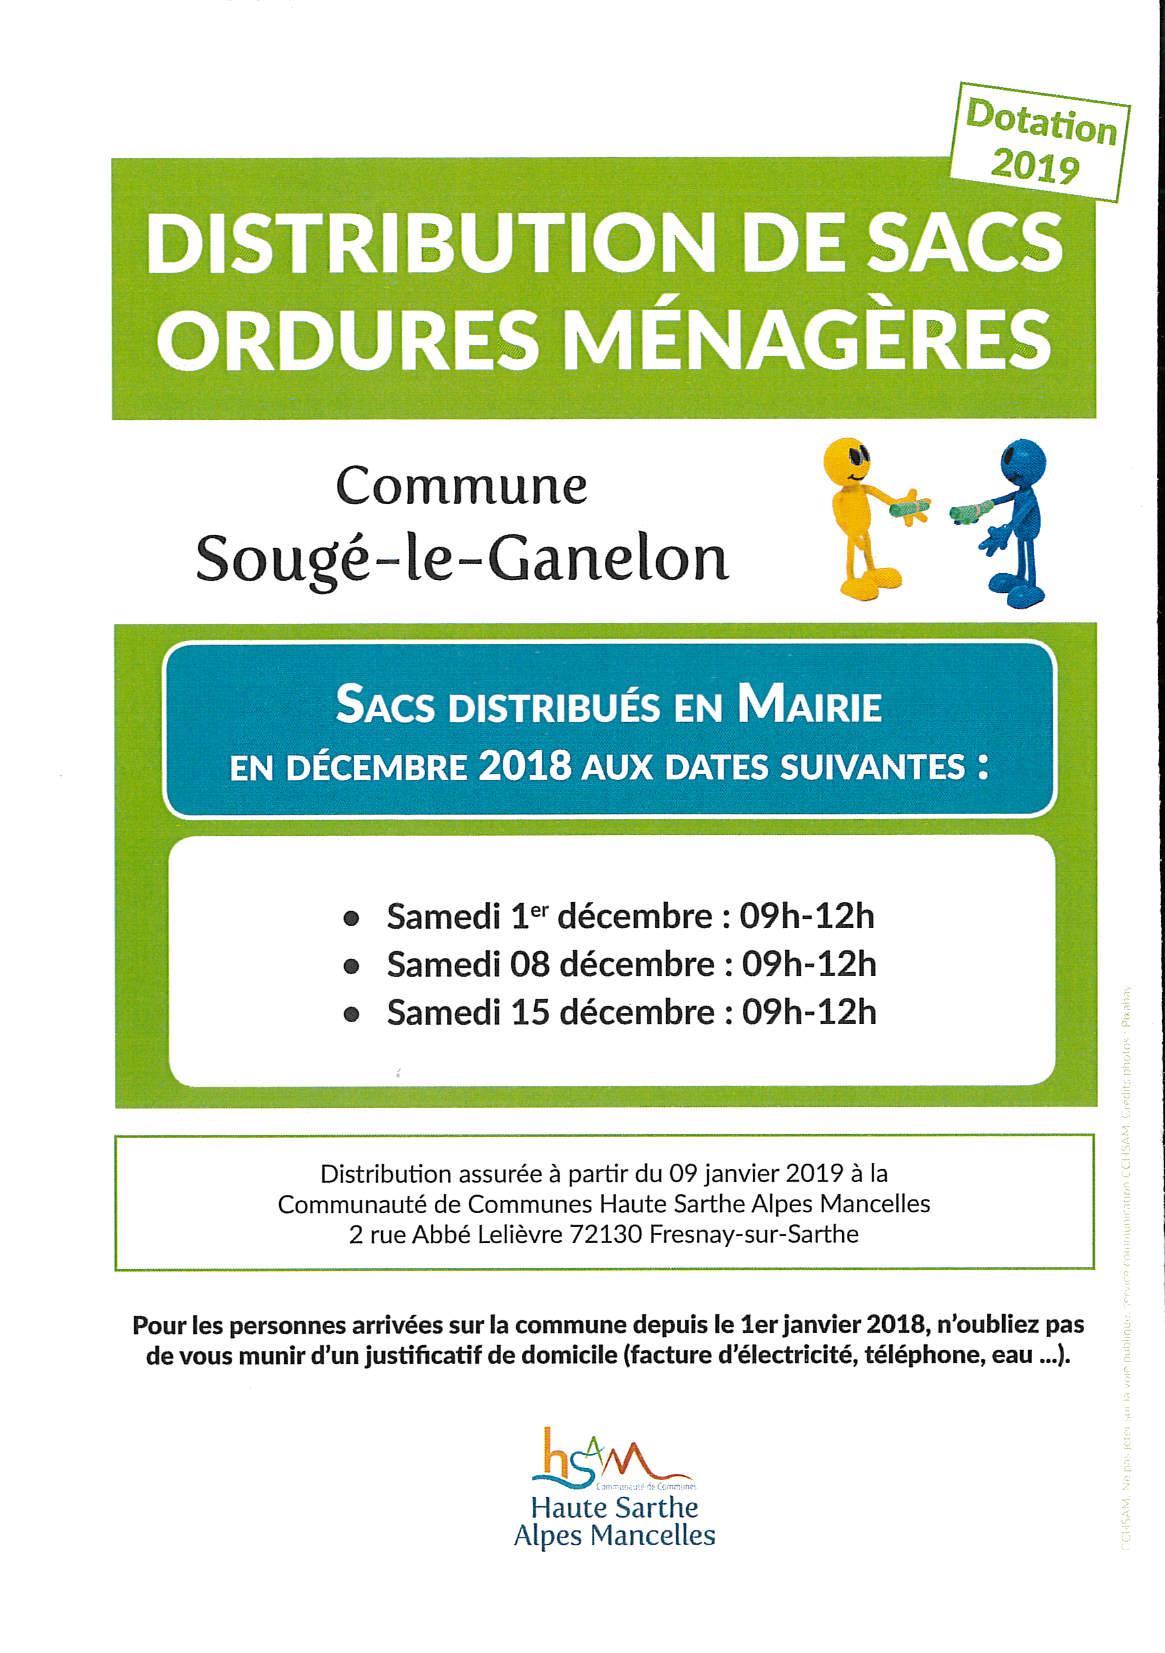 Distribution de sacs ordures ménagères-Dotation 2019